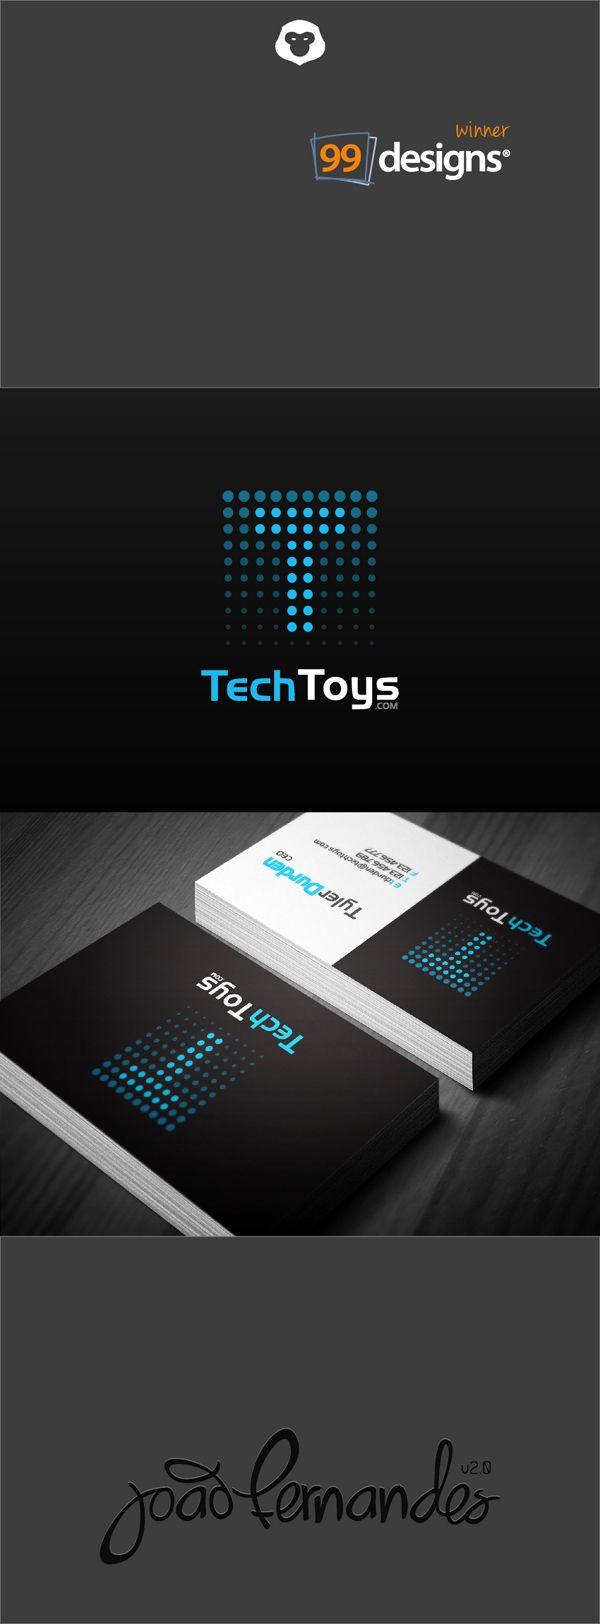 TechToys by João Fernandes, via Behance